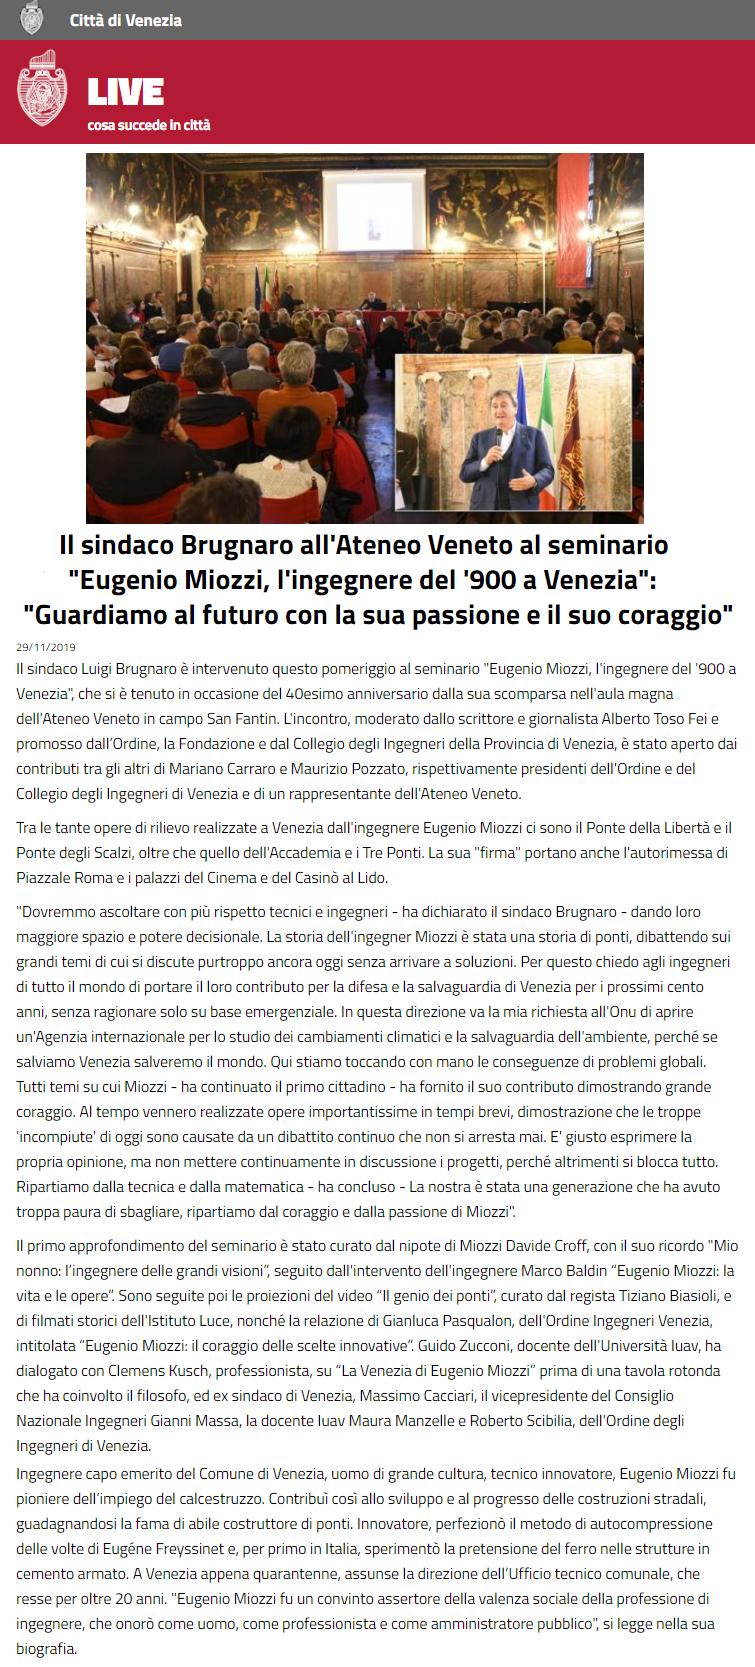 29.11.2019 LIVE cosa succede in città - comune di venezia - seminario eugenio miozzi - ingegneri ateneo veneto.png